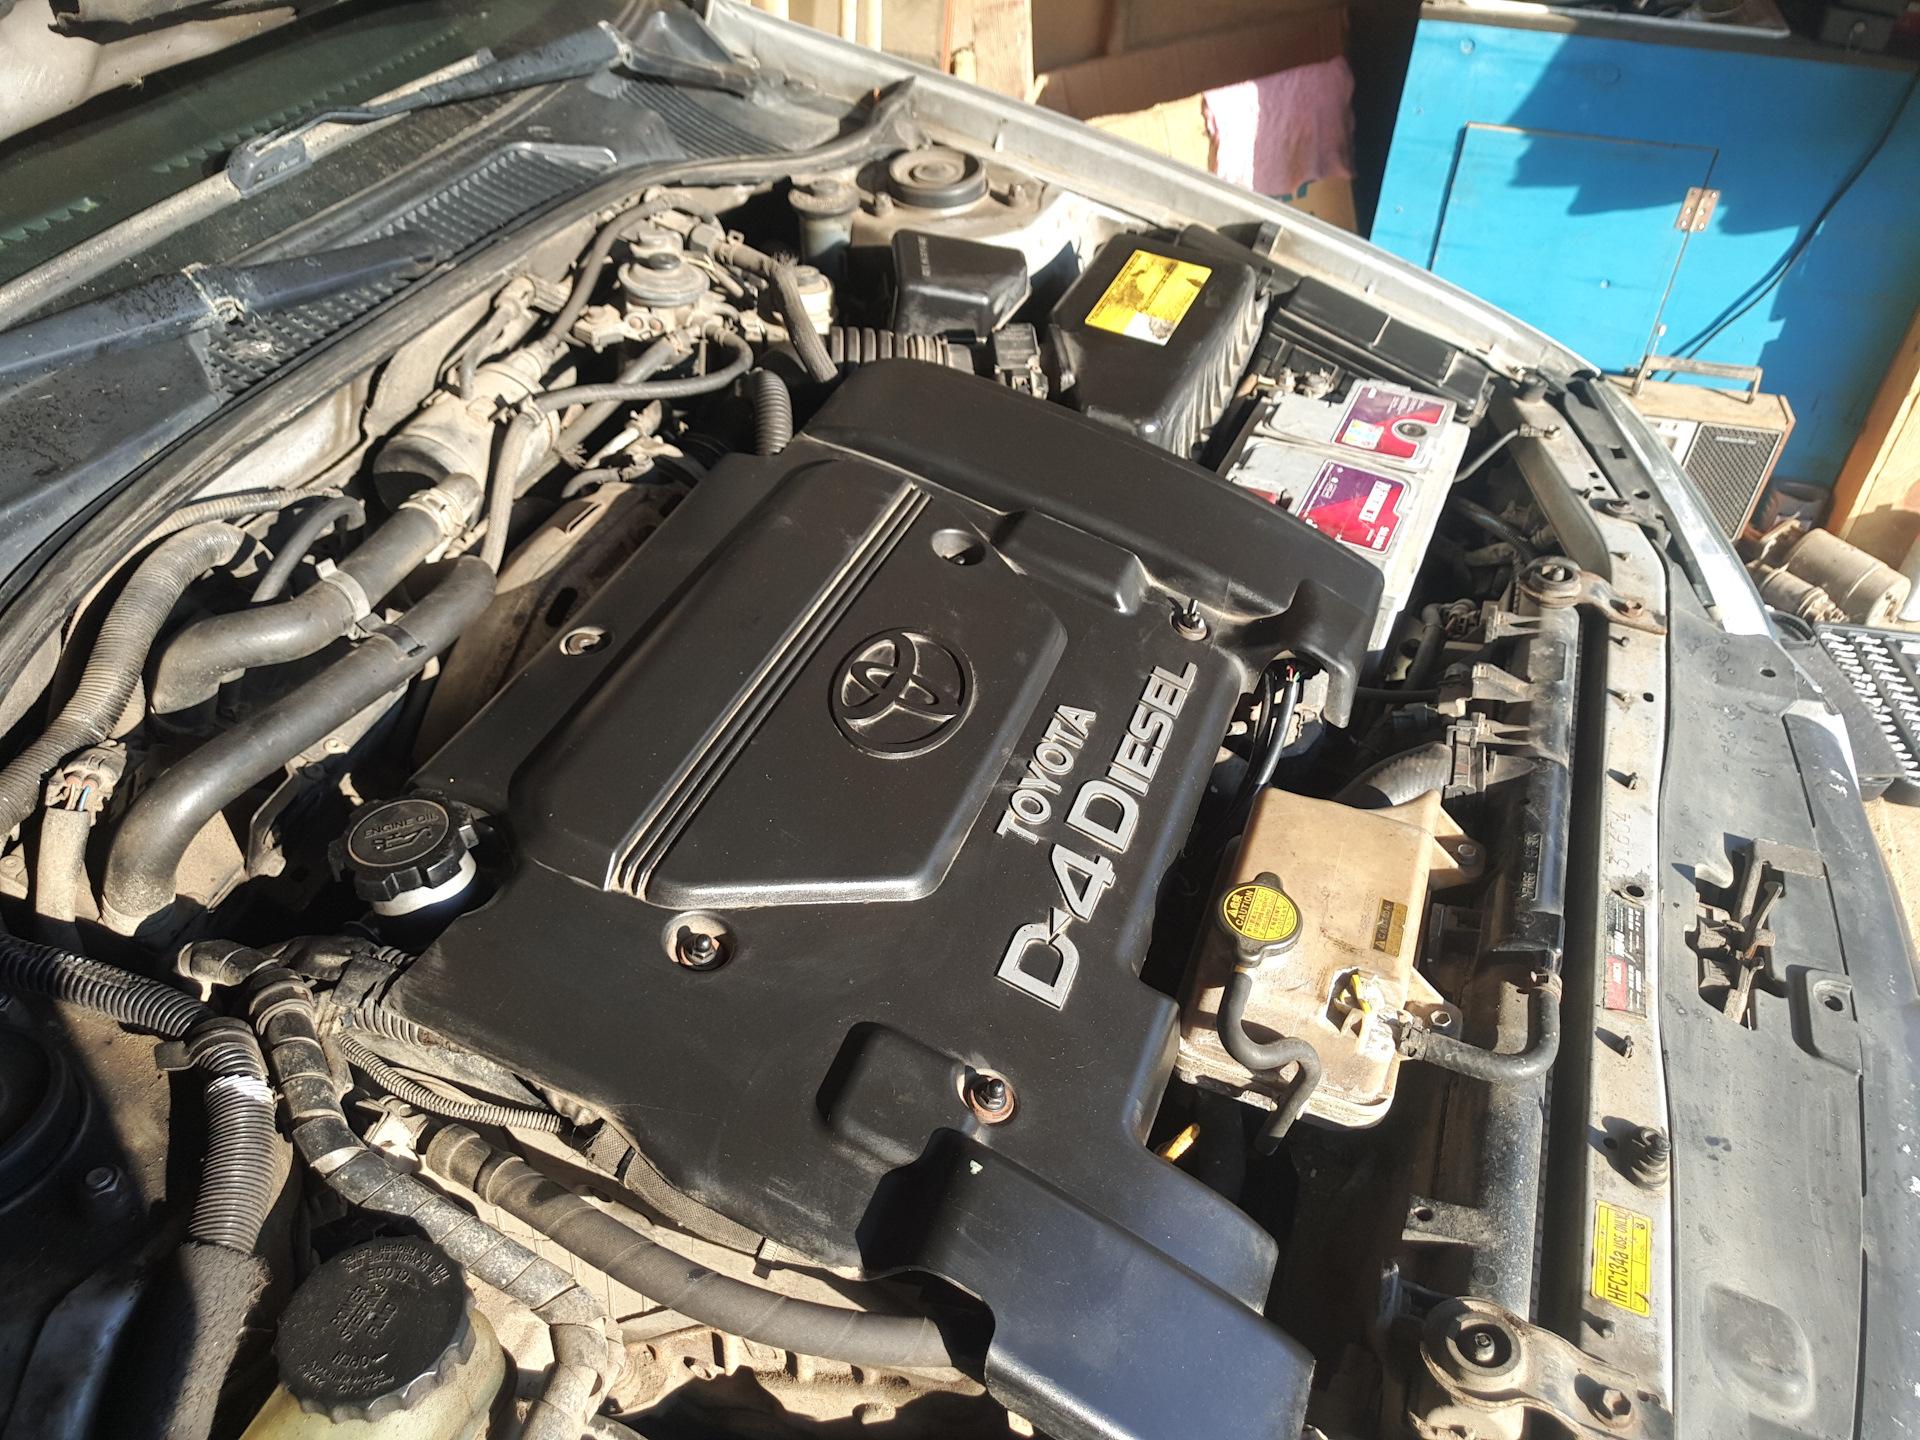 Автомобиль потребляет масло после замены клапанных сальников